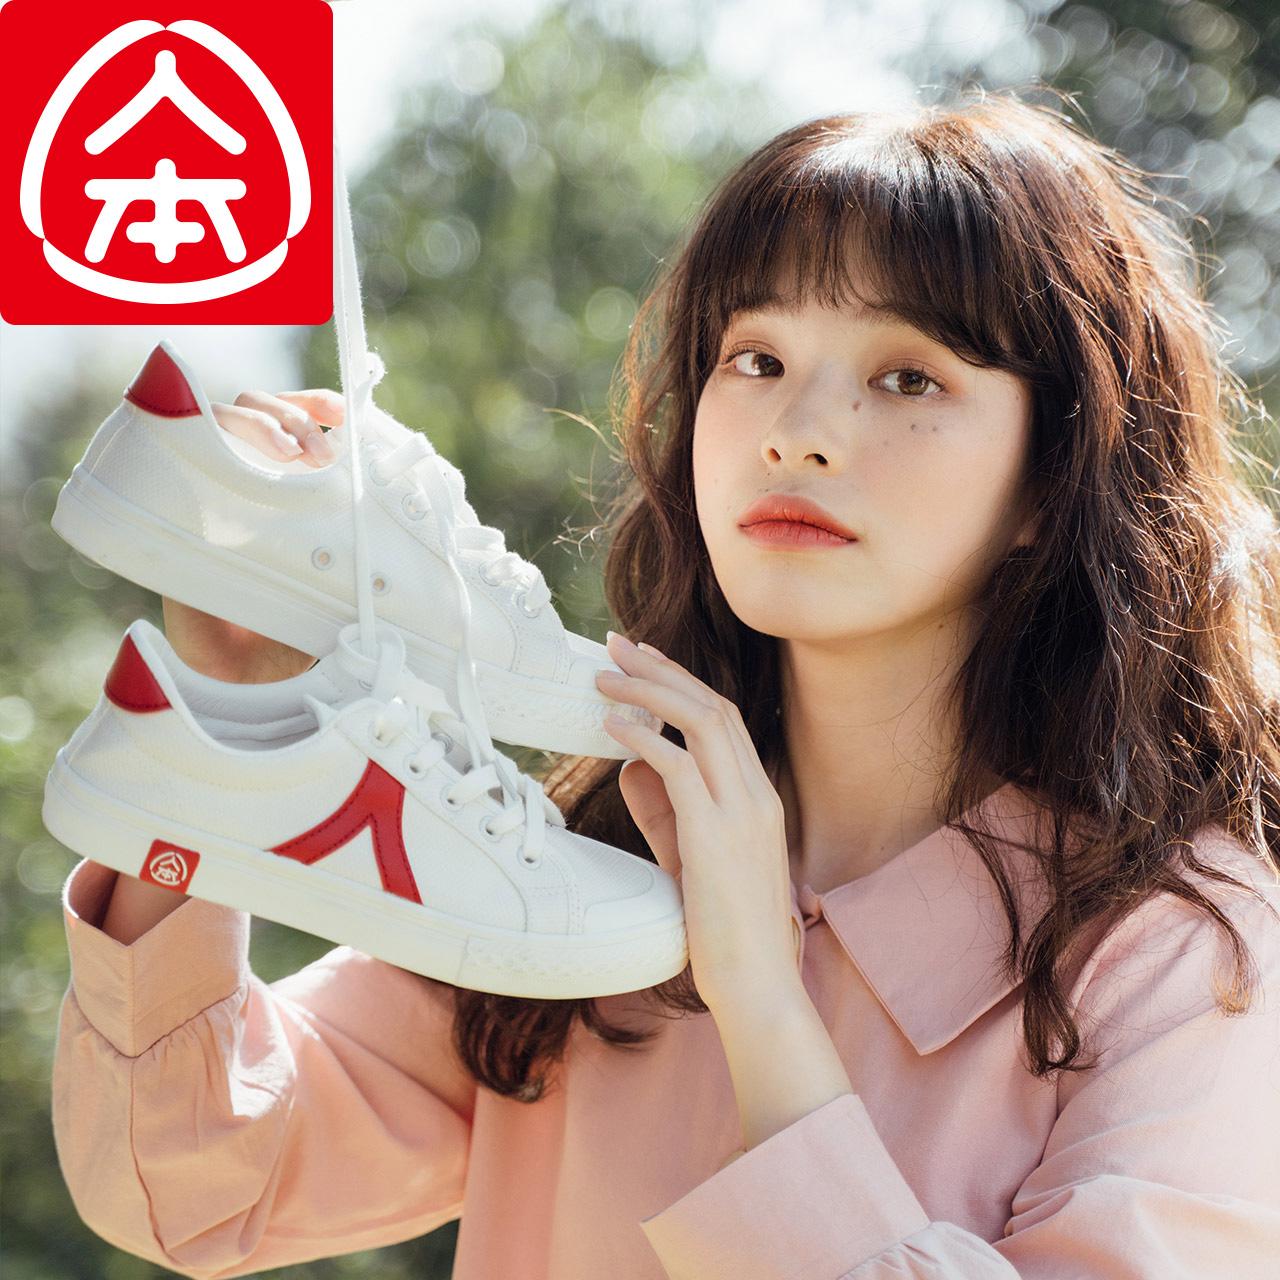 人本2021春季高帮帆布鞋拼接原宿风板鞋新款百搭学生涂鸦休闲女鞋